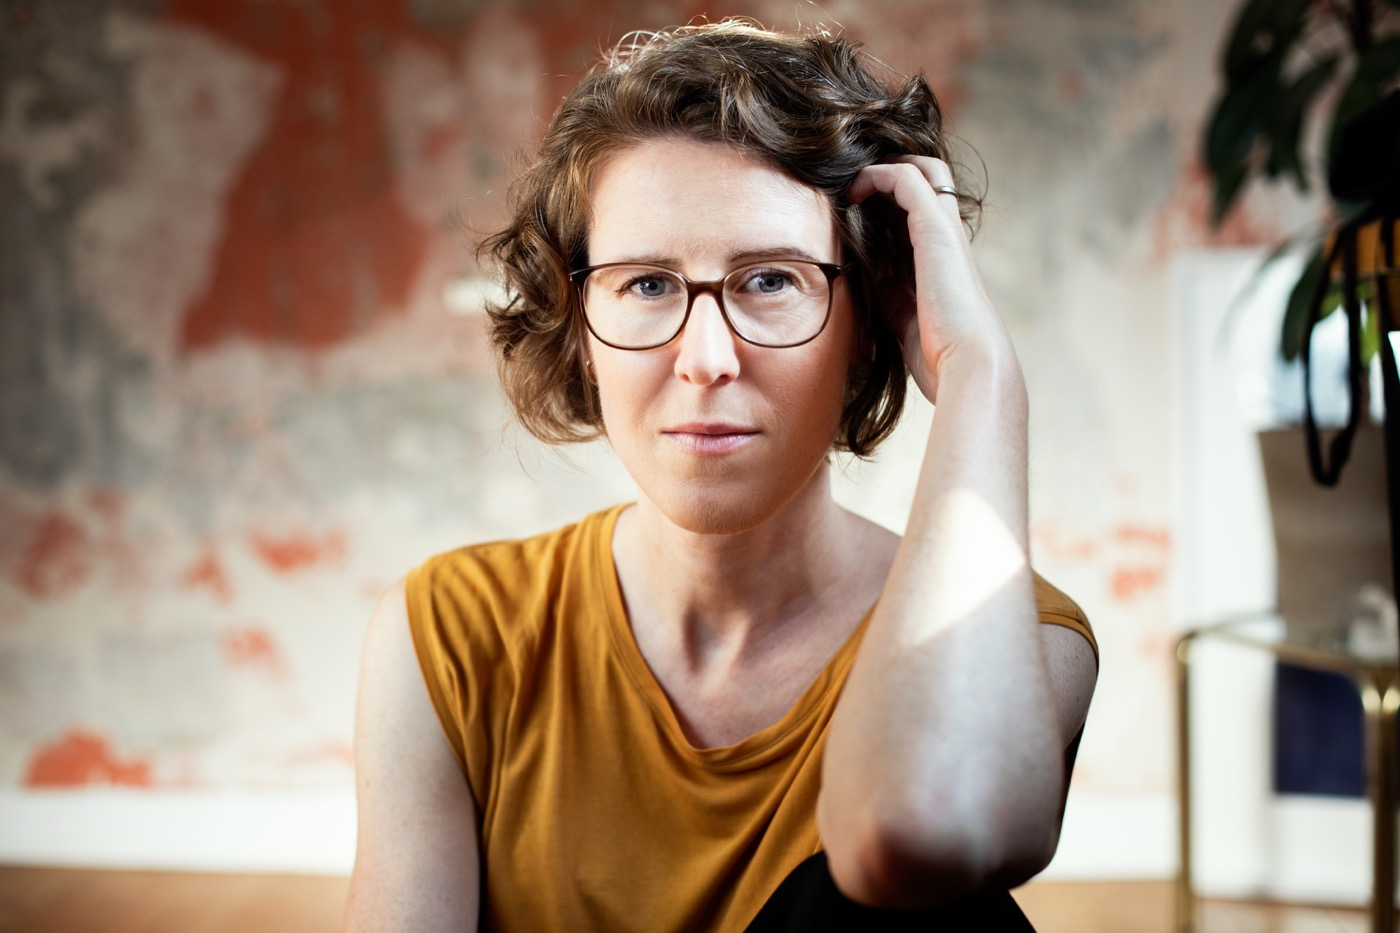 Fotografin Selina Pfrüner wagt sich an das Thema Vollverschleierung.